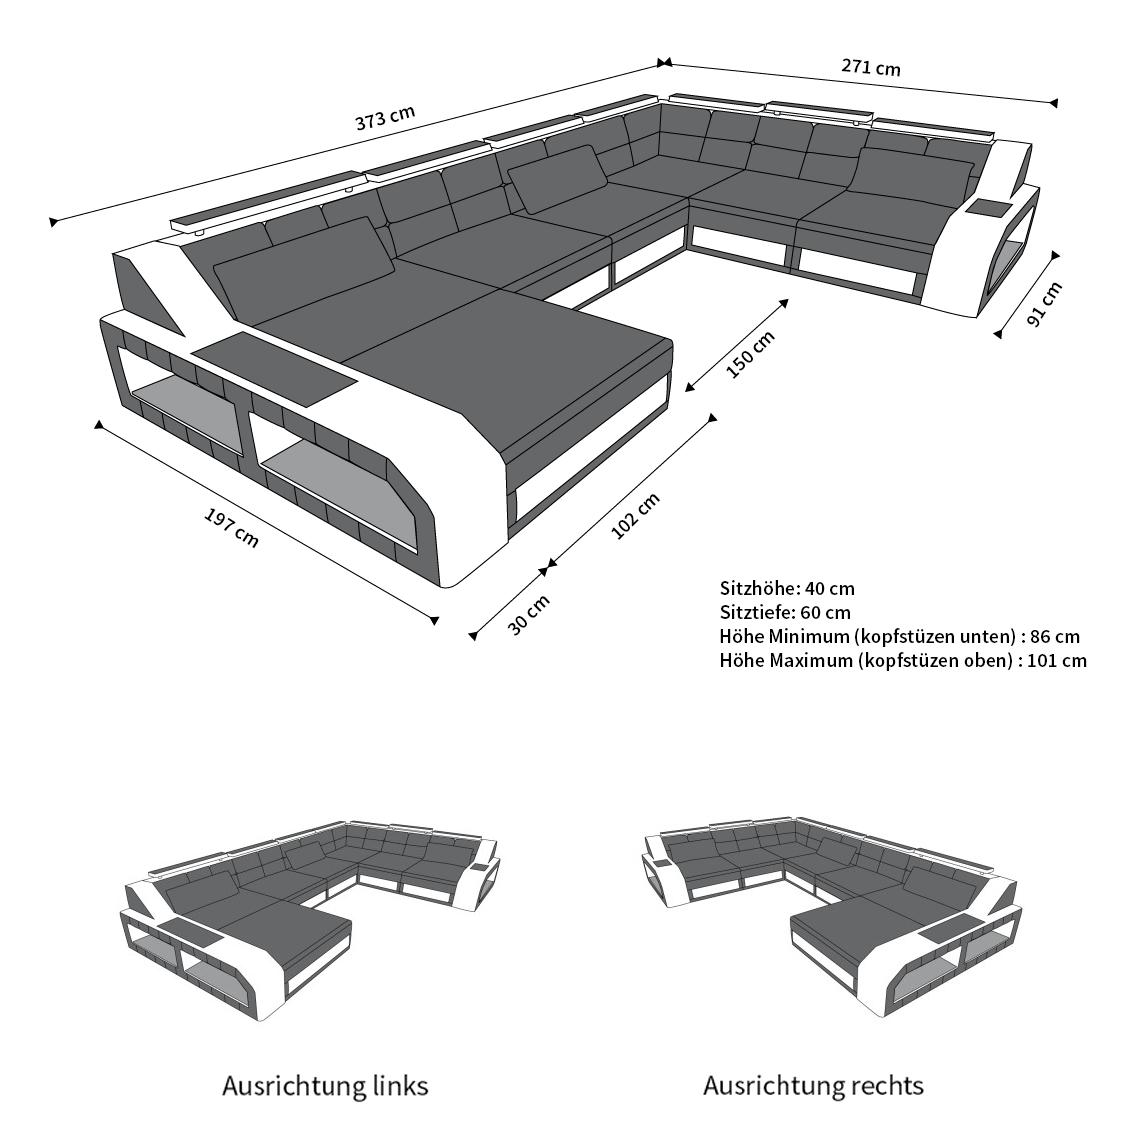 Design Wohnlandschaft Matera In Stoff Als Xxl Sofa Mit Ottomane